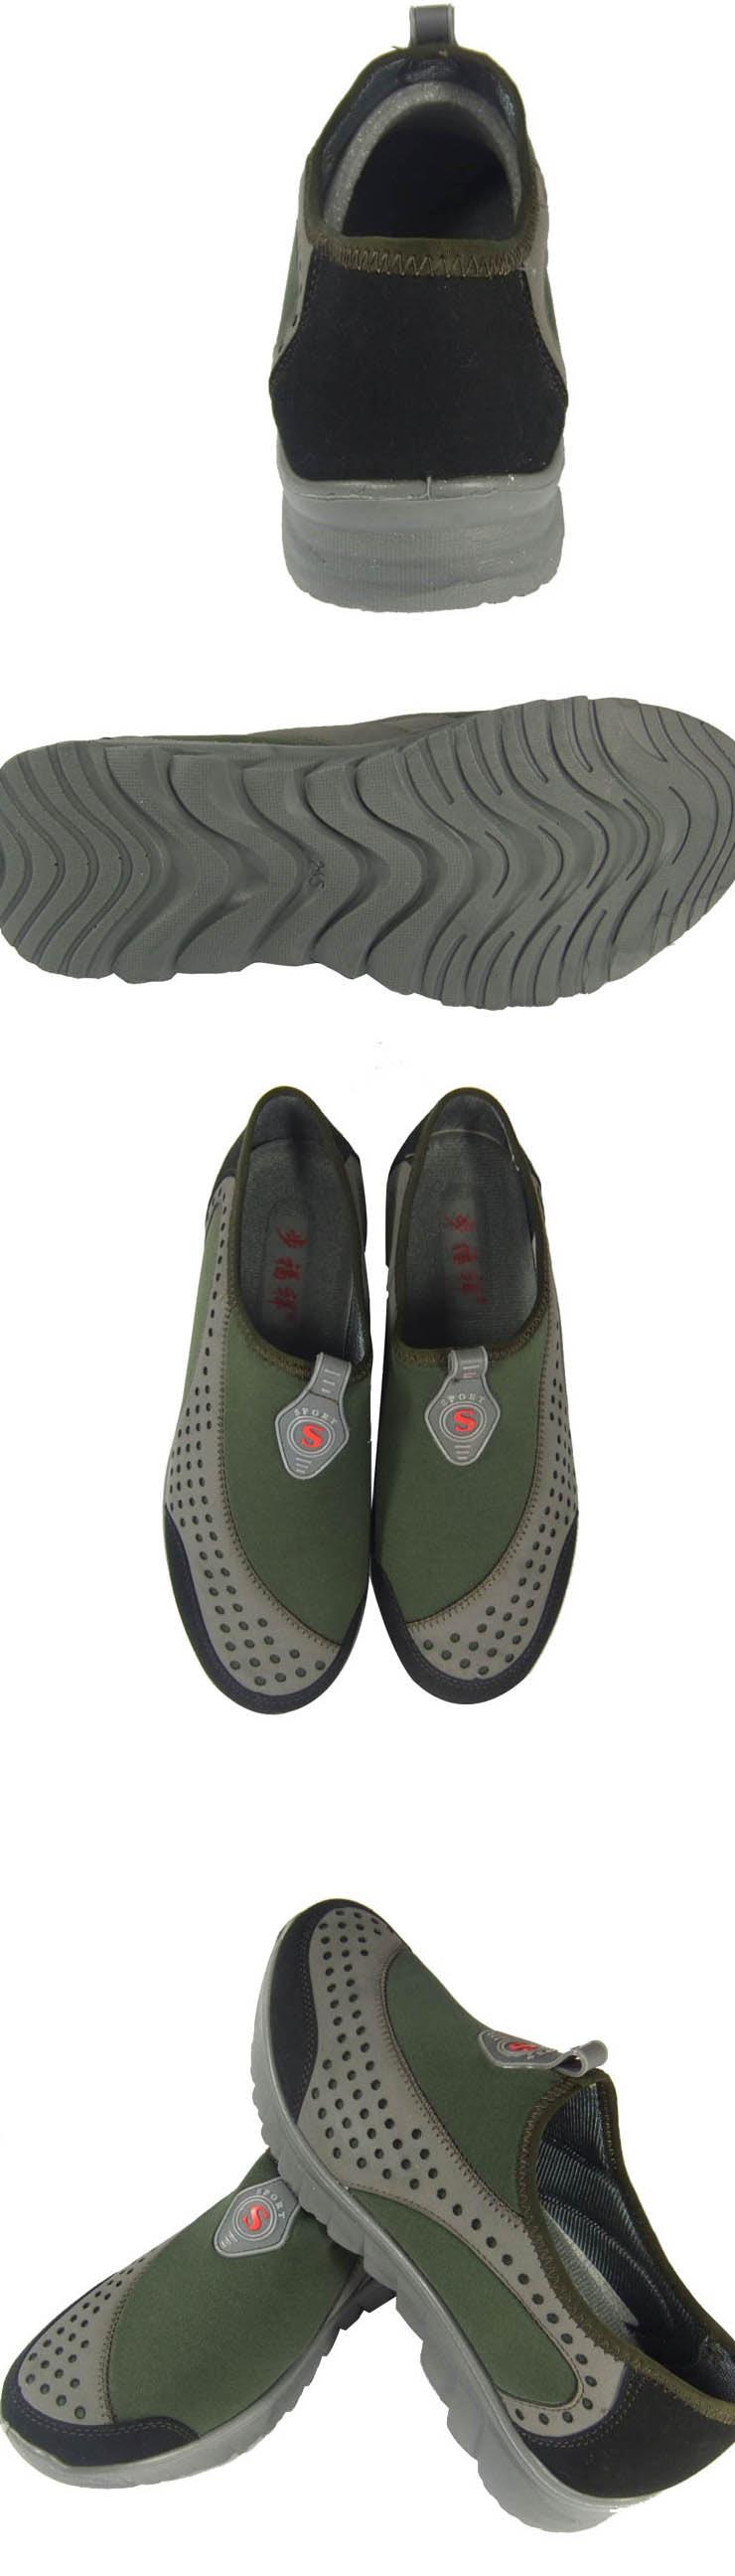 老北京布鞋 舒适透气